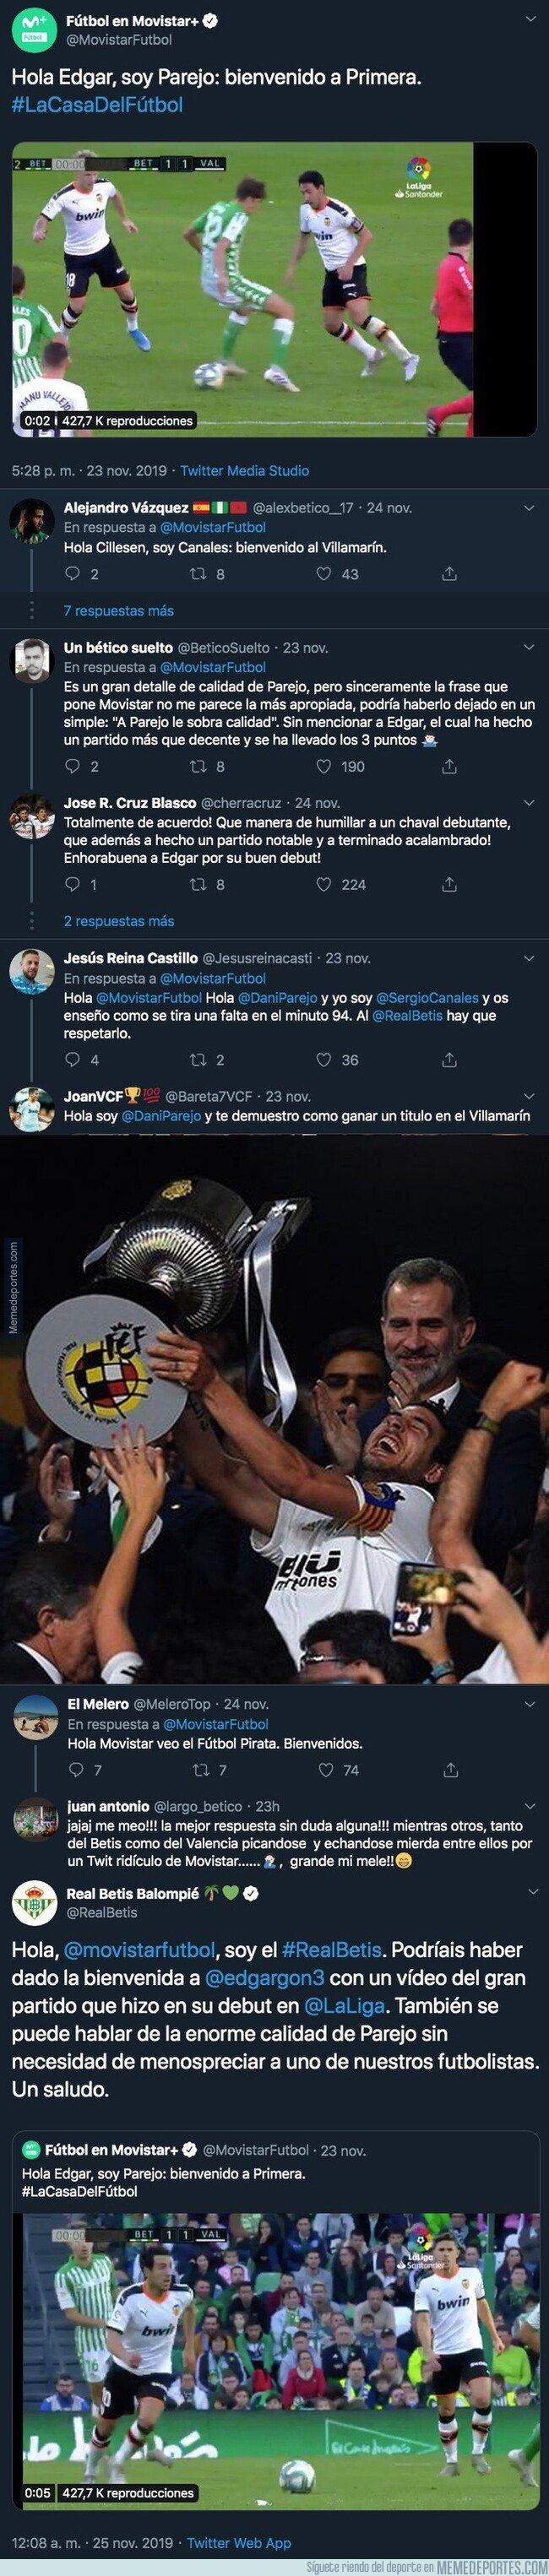 1091983 - La gran respuesta del Real Betis a Movistar+ tras poner este tuit sobre un caño de Parejo a un jugador bético